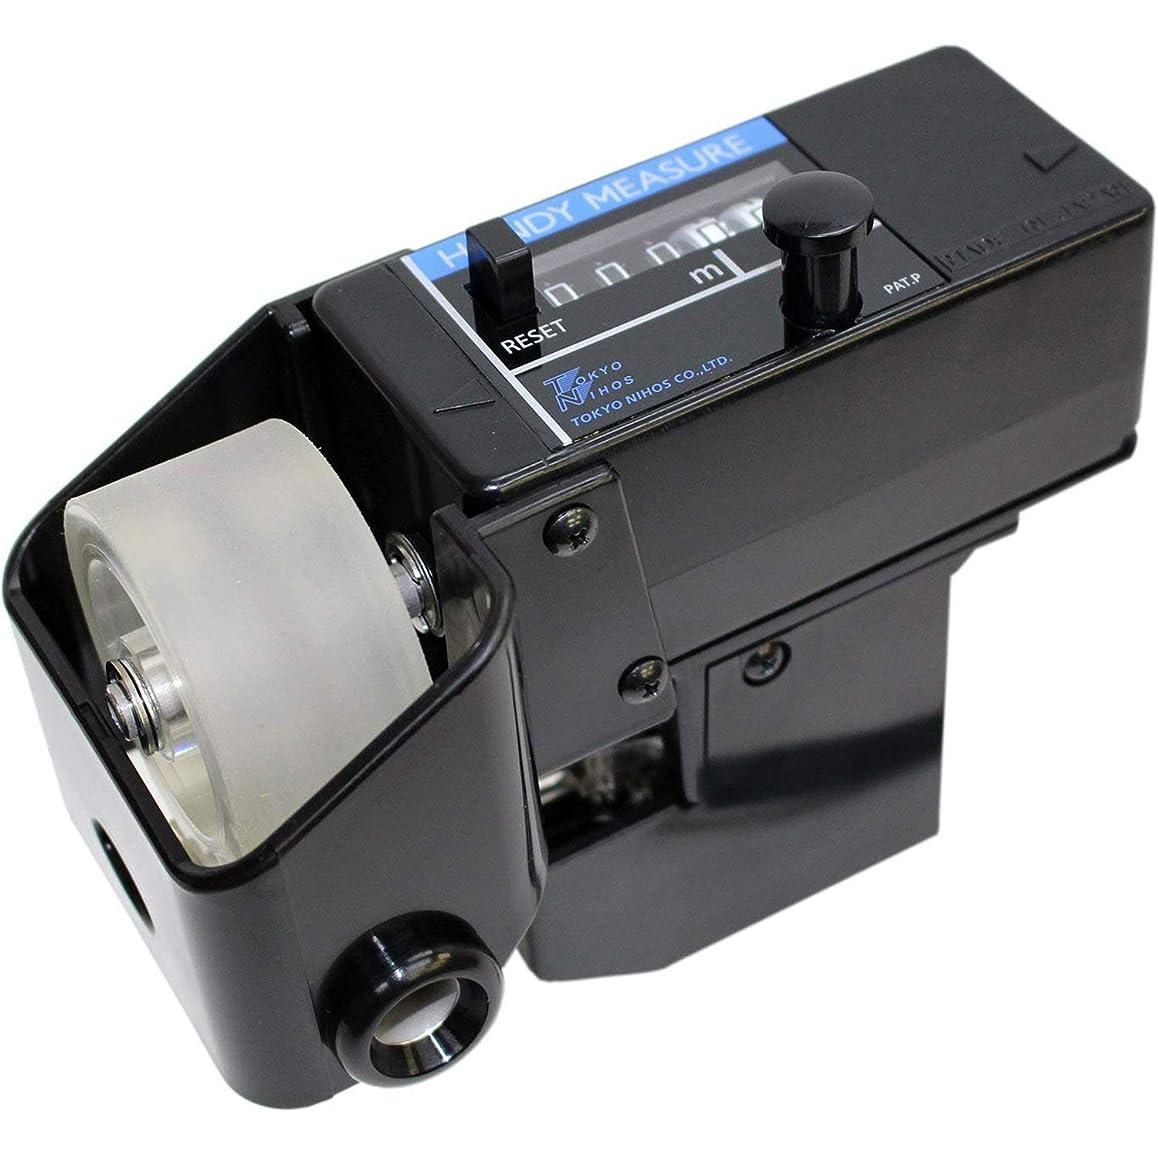 に応じてデッキまだ東京ニホス ハンディーメジャーコード メジャー 測定器 測量 測定 計測用具 HMC-051